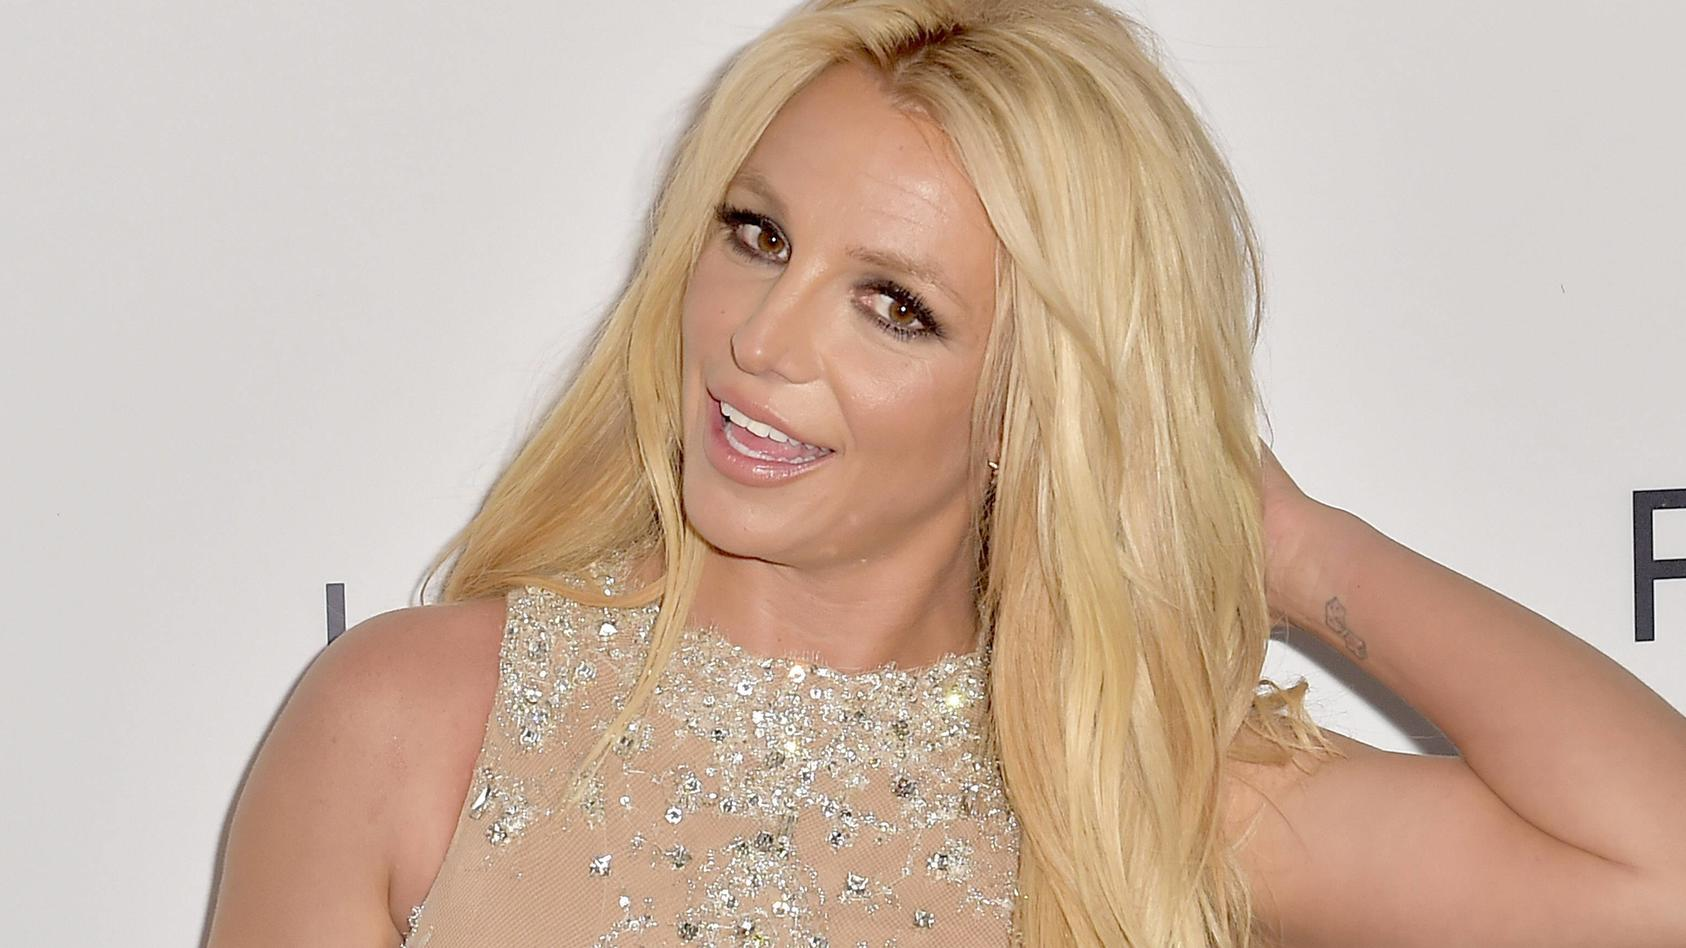 Die Fans von Britney Spears glauben, ihr aktuelles Video war ein Hilferuf.